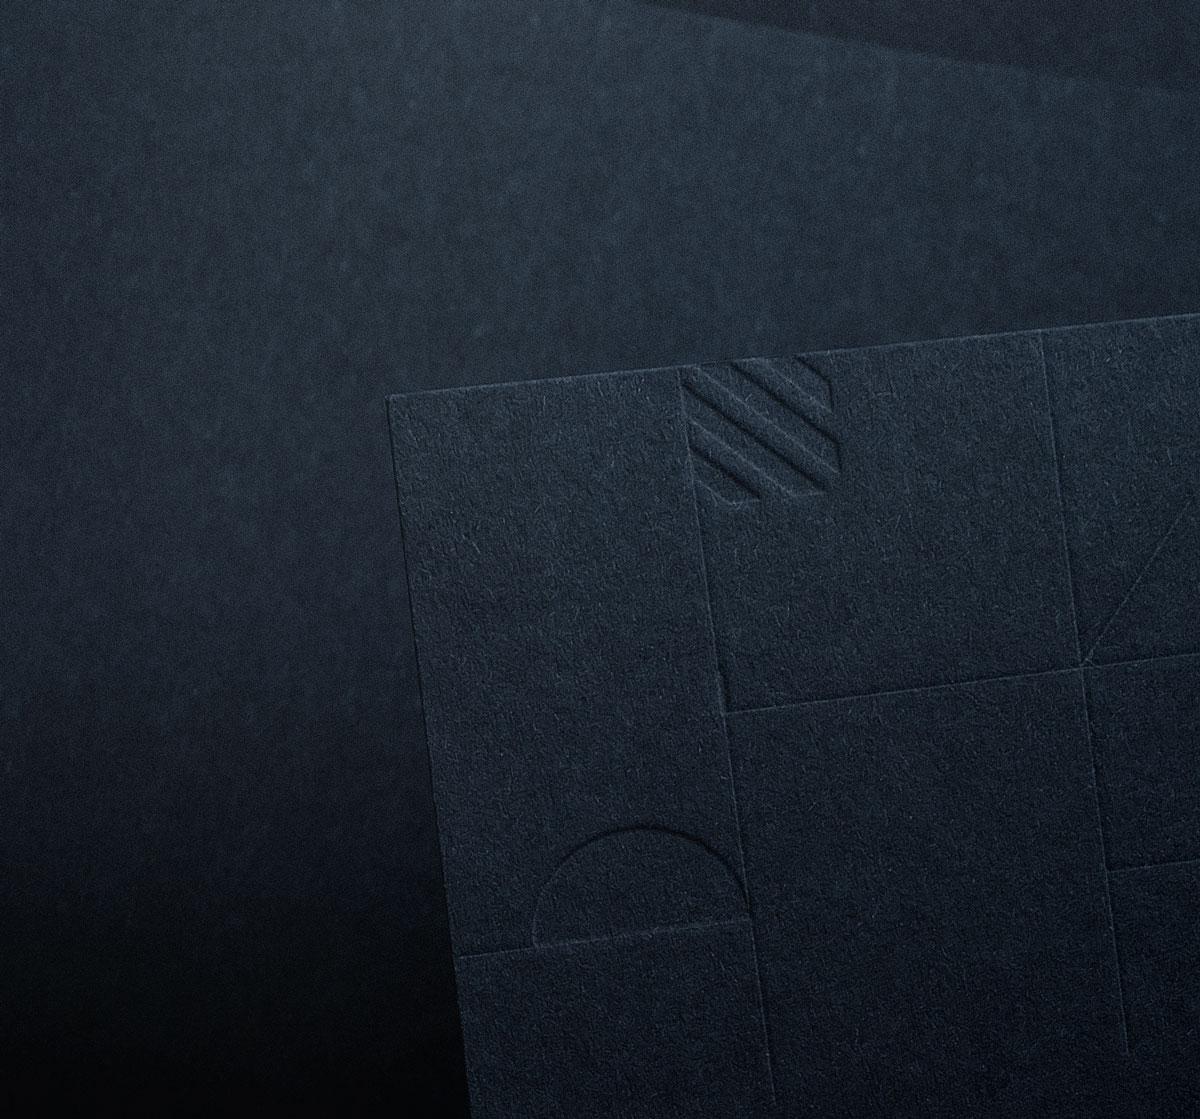 paper_02-colorc-1